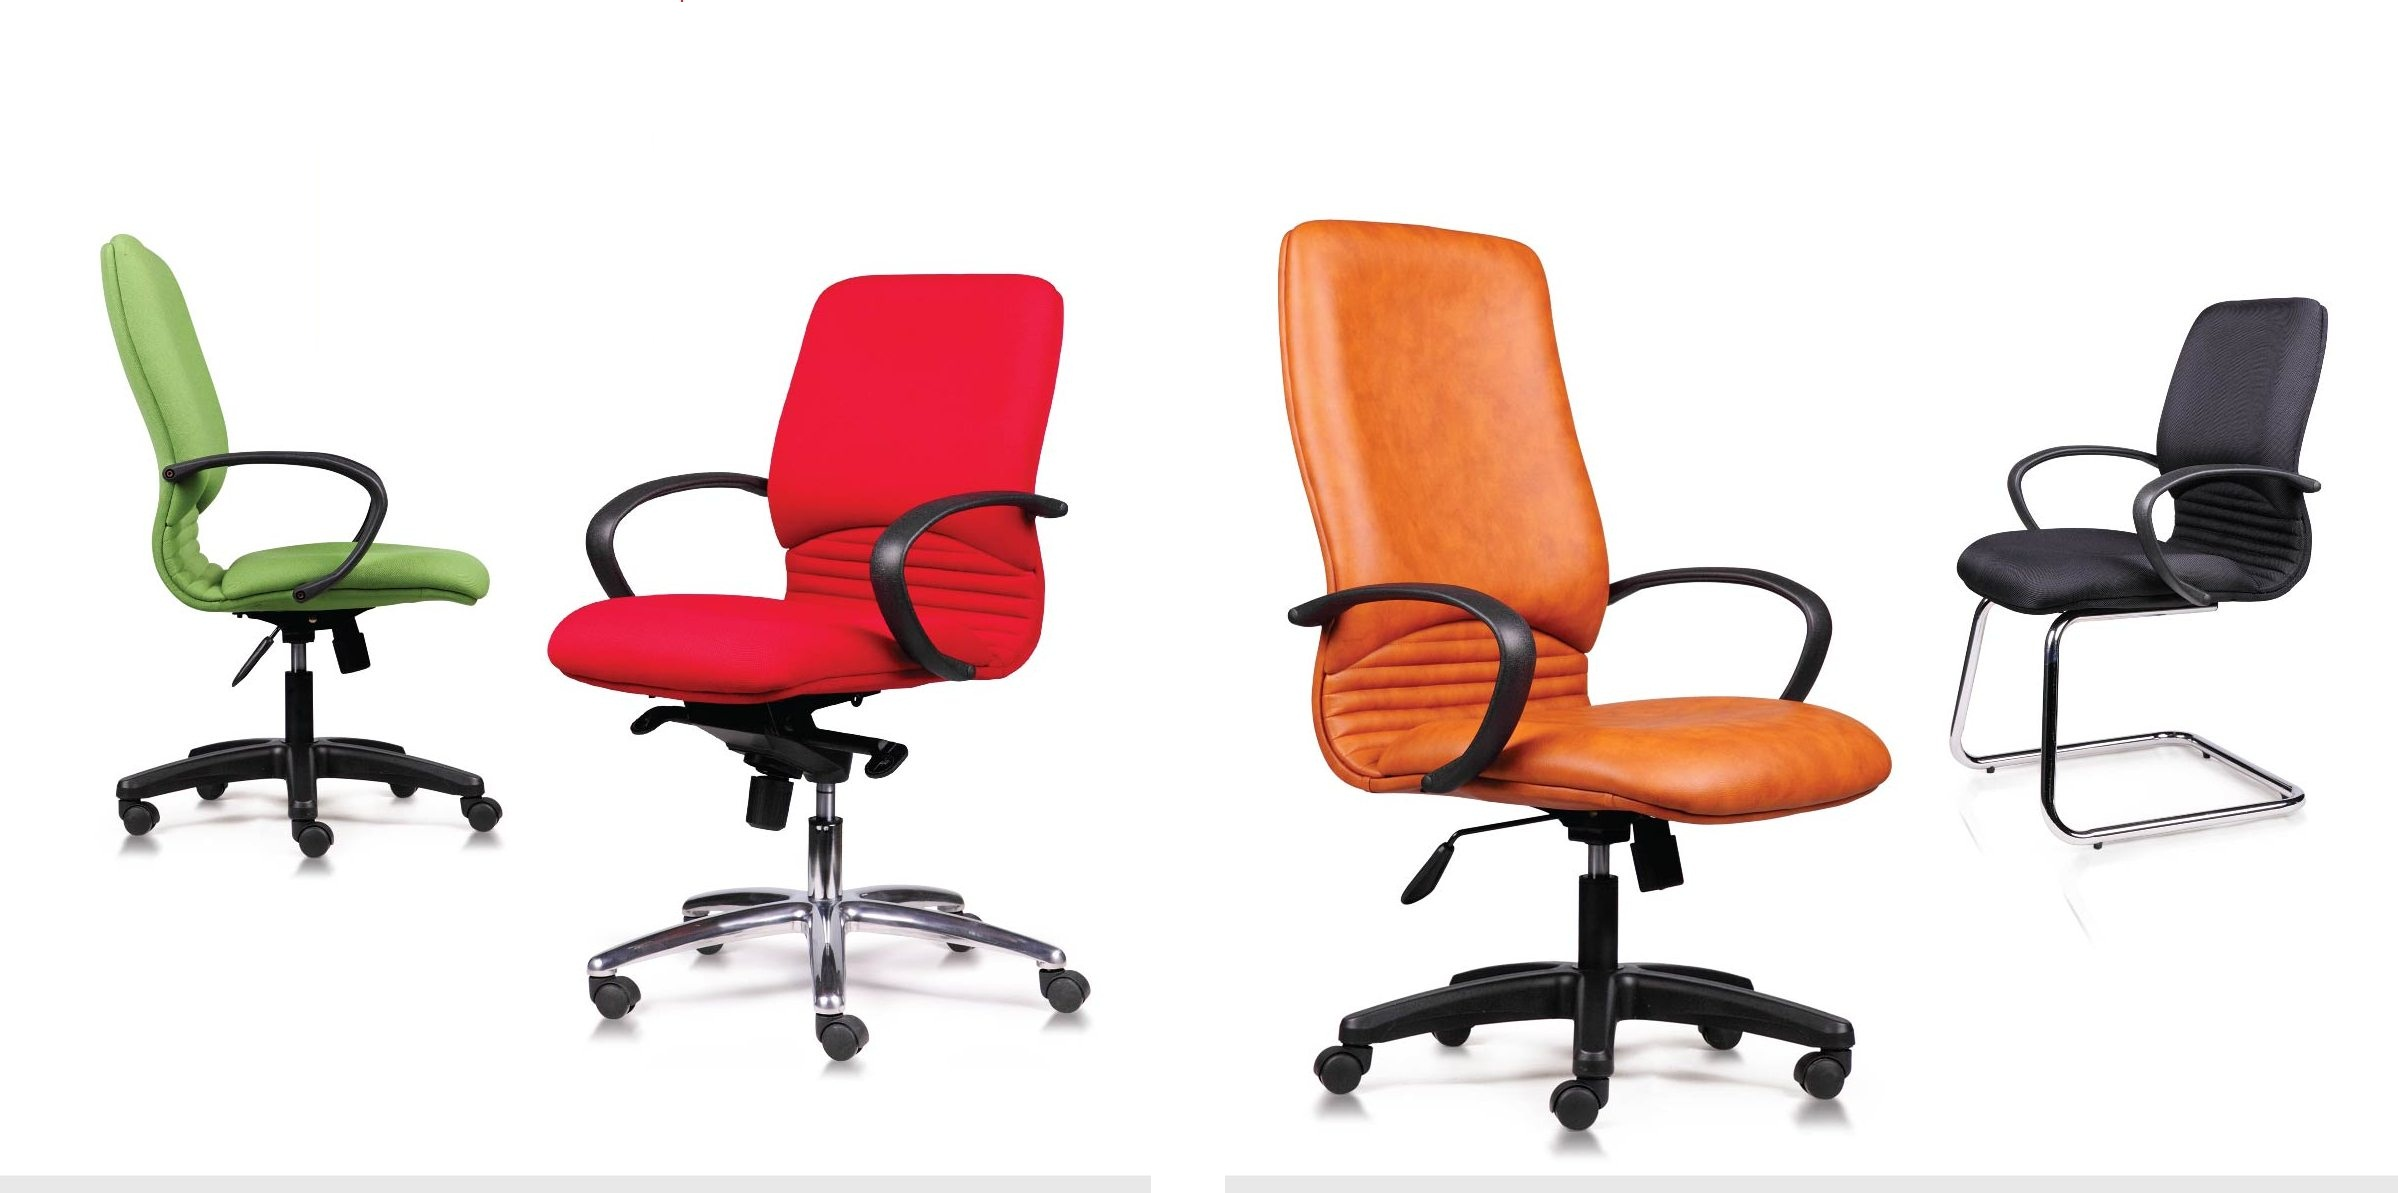 Bọc ghế văn phòng cần tuân thủ các bước, nguyên tắc nhất định